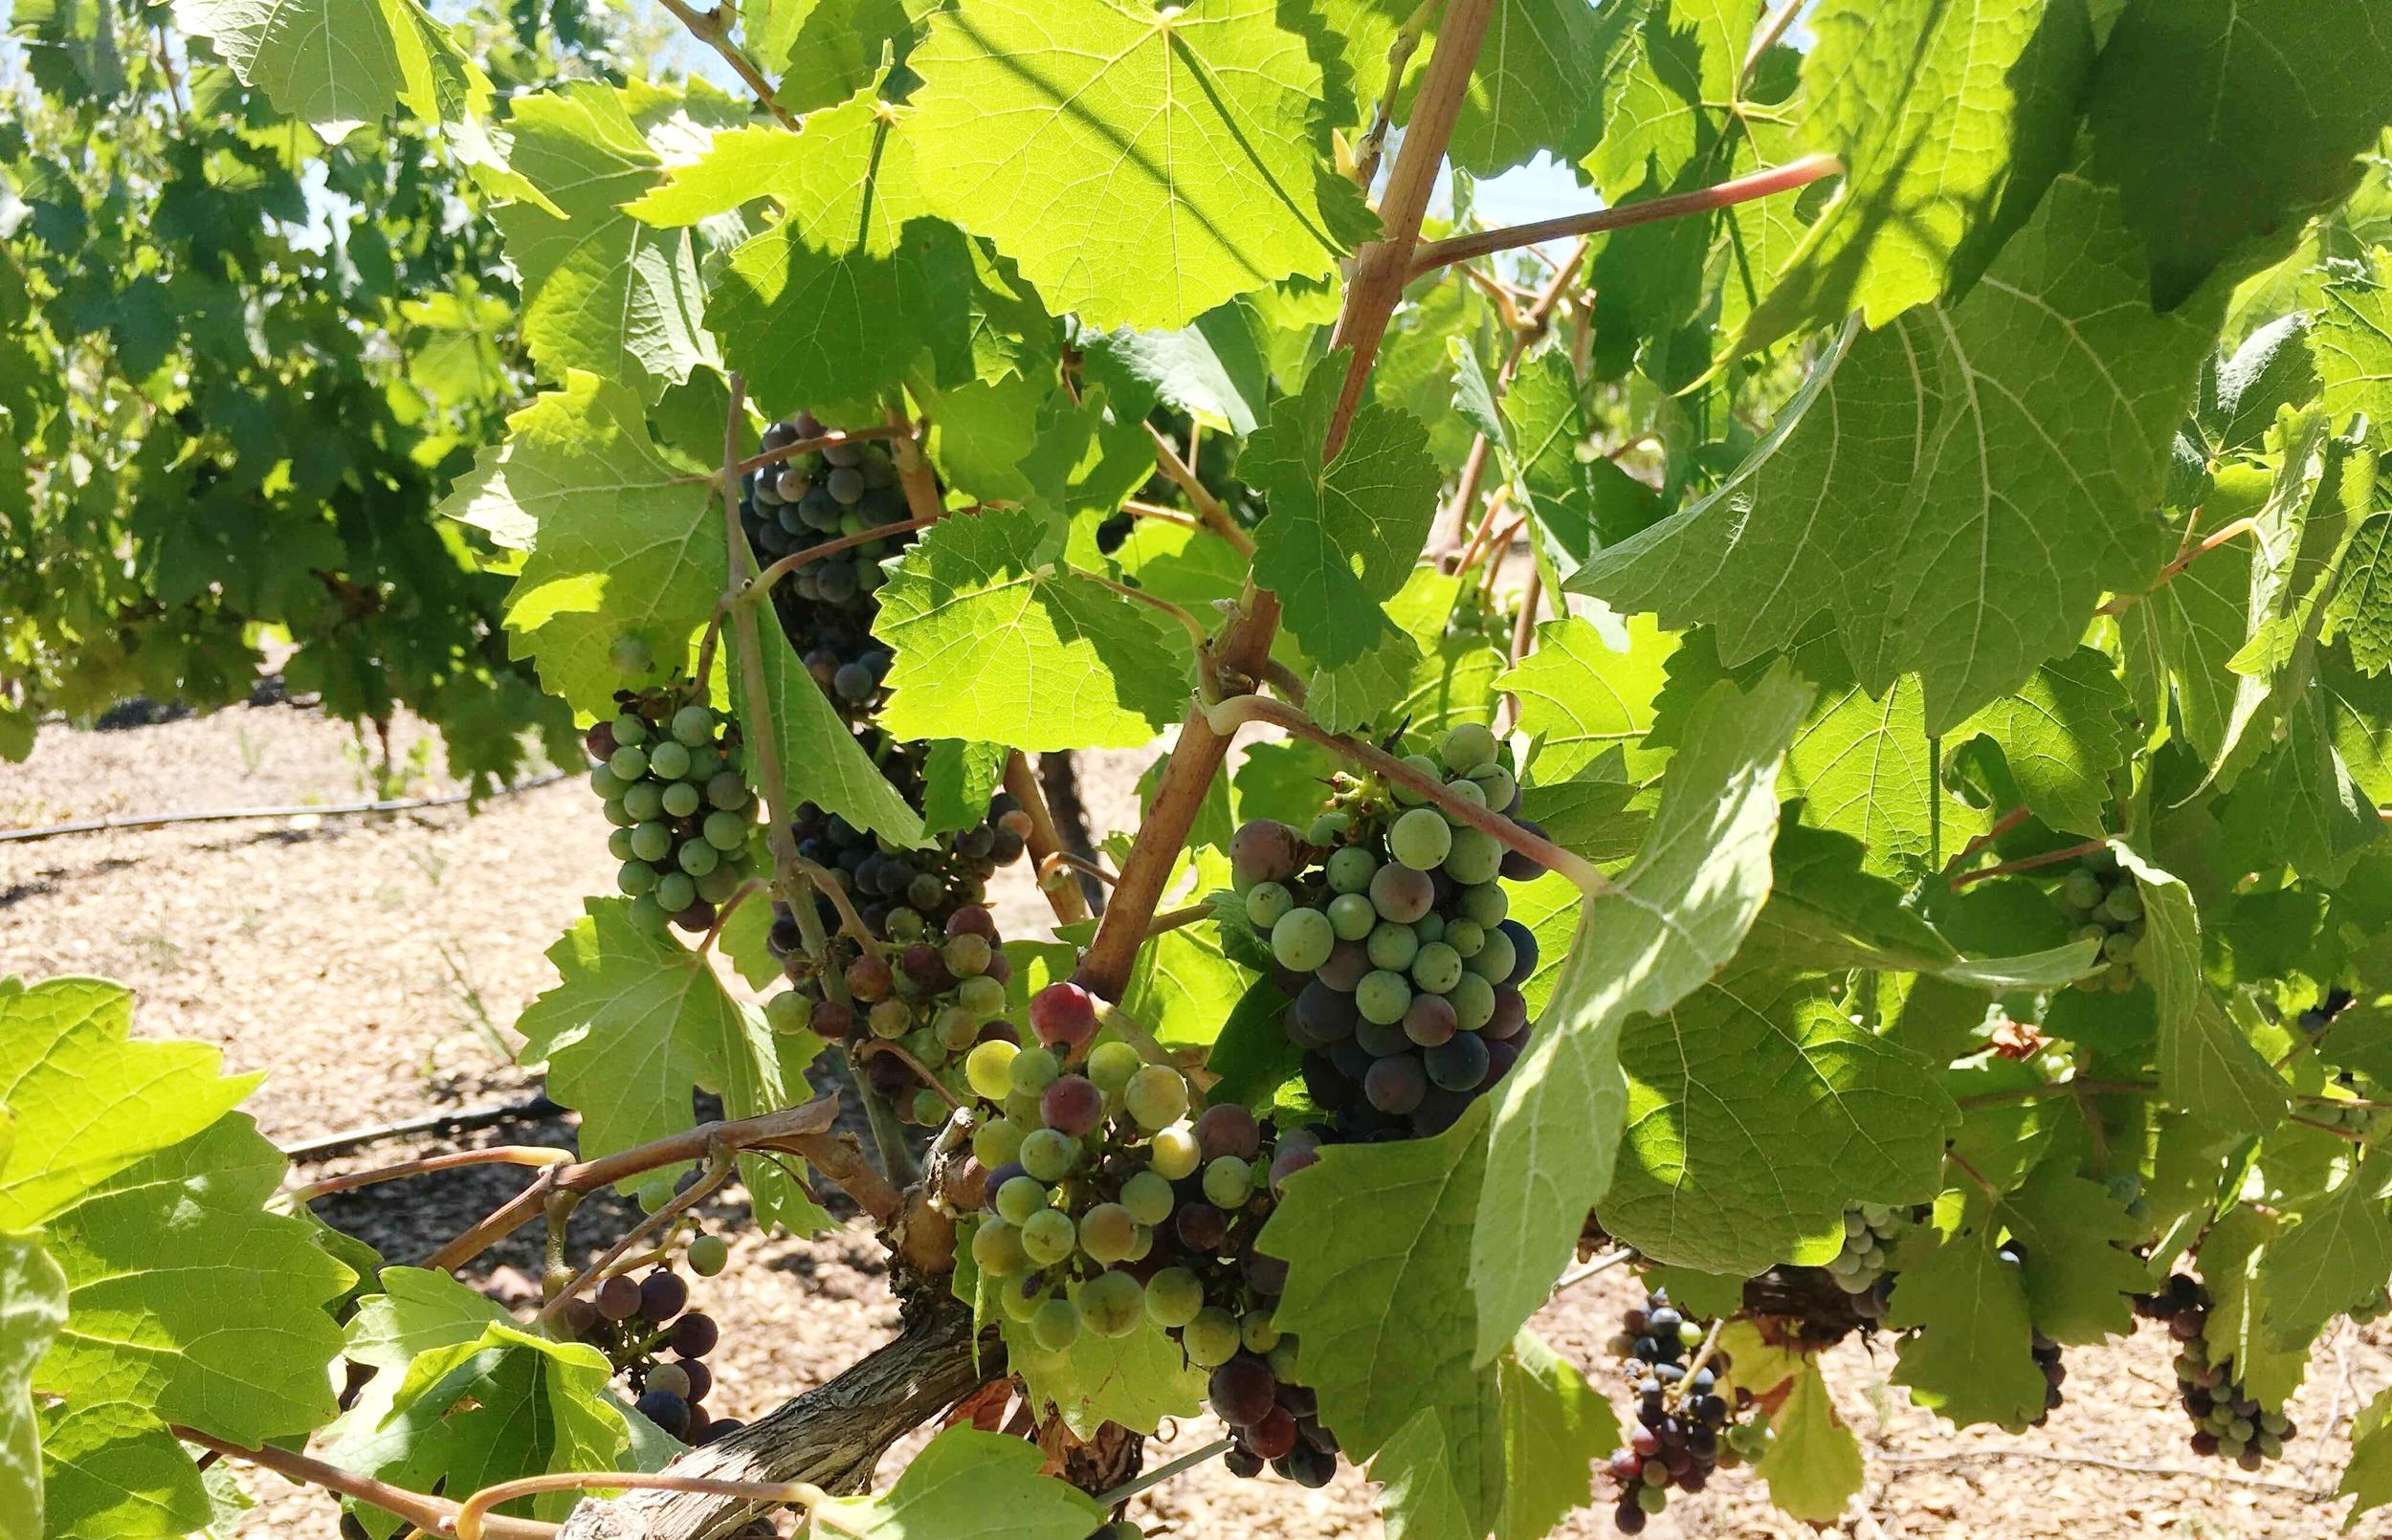 red-wine-grapes-sinfin-mendoza-ochristine